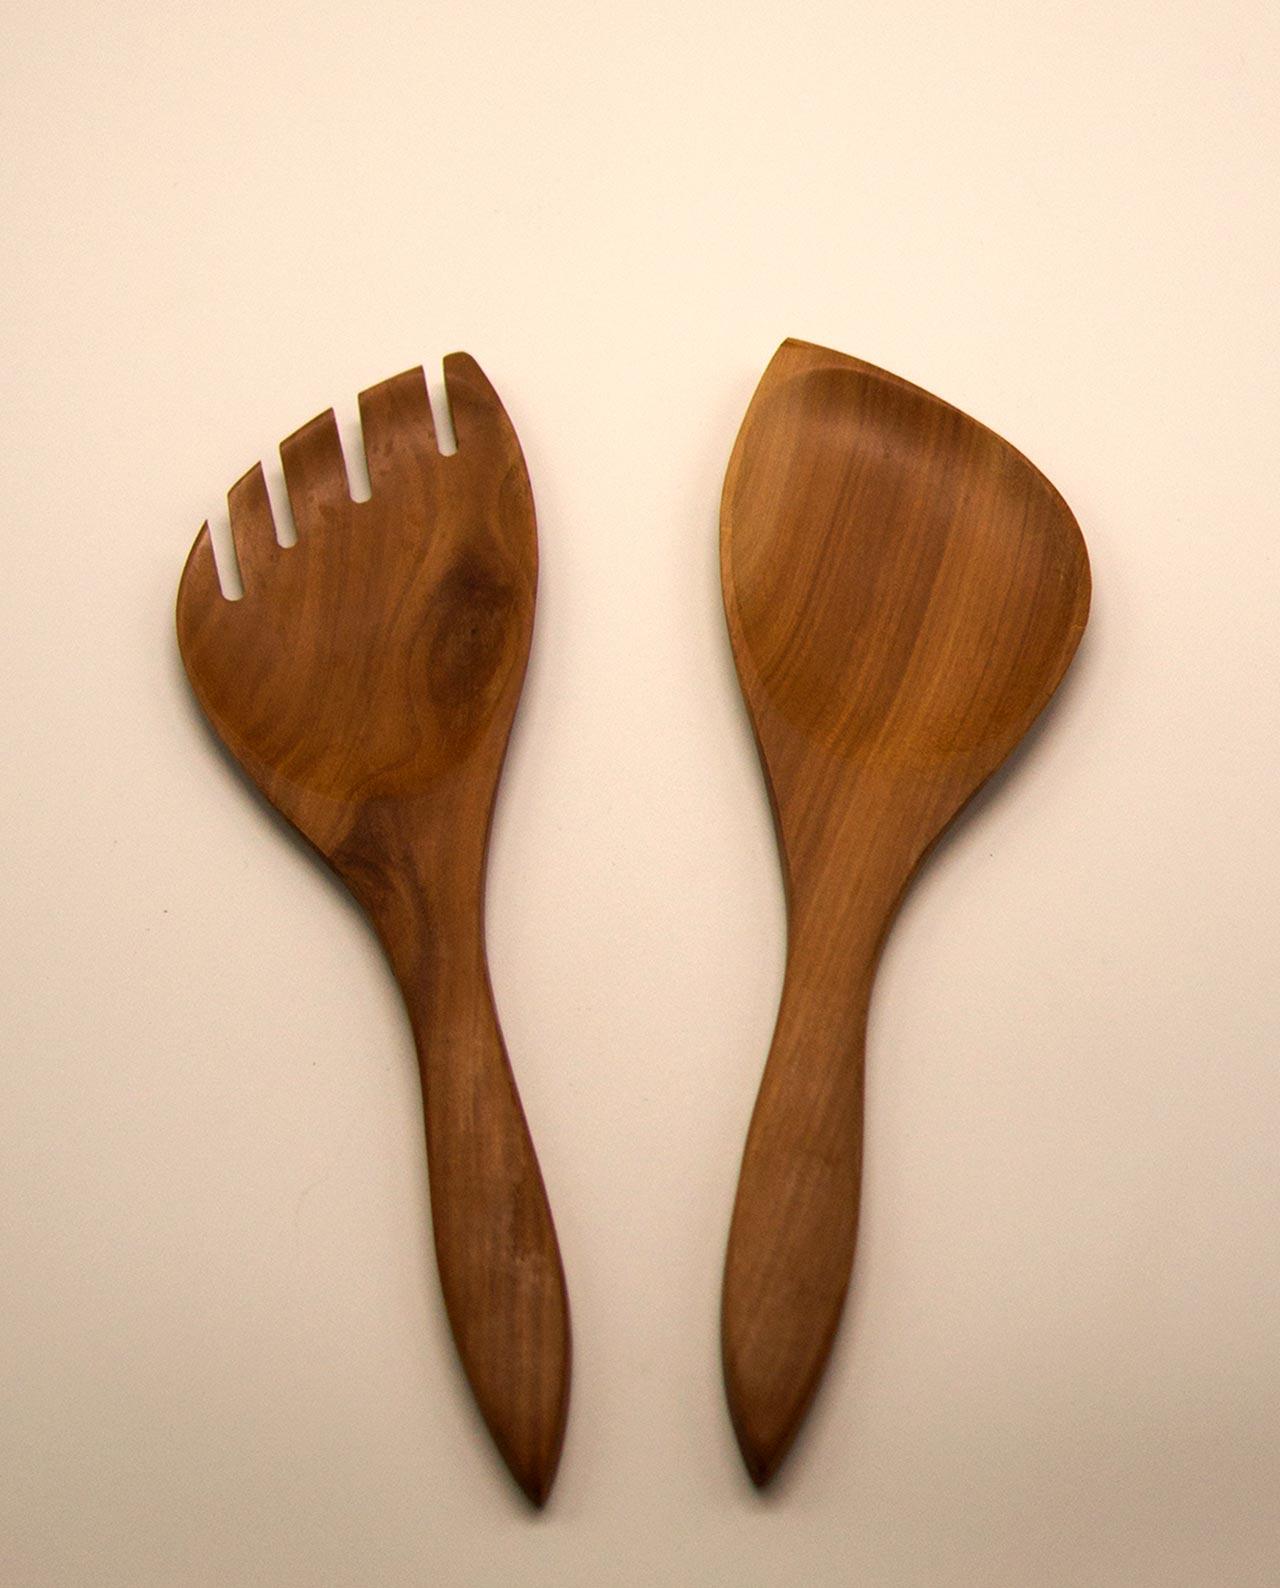 Kουτάλα & πηρούνα ξύλινες σετ 2 τεμαχίων